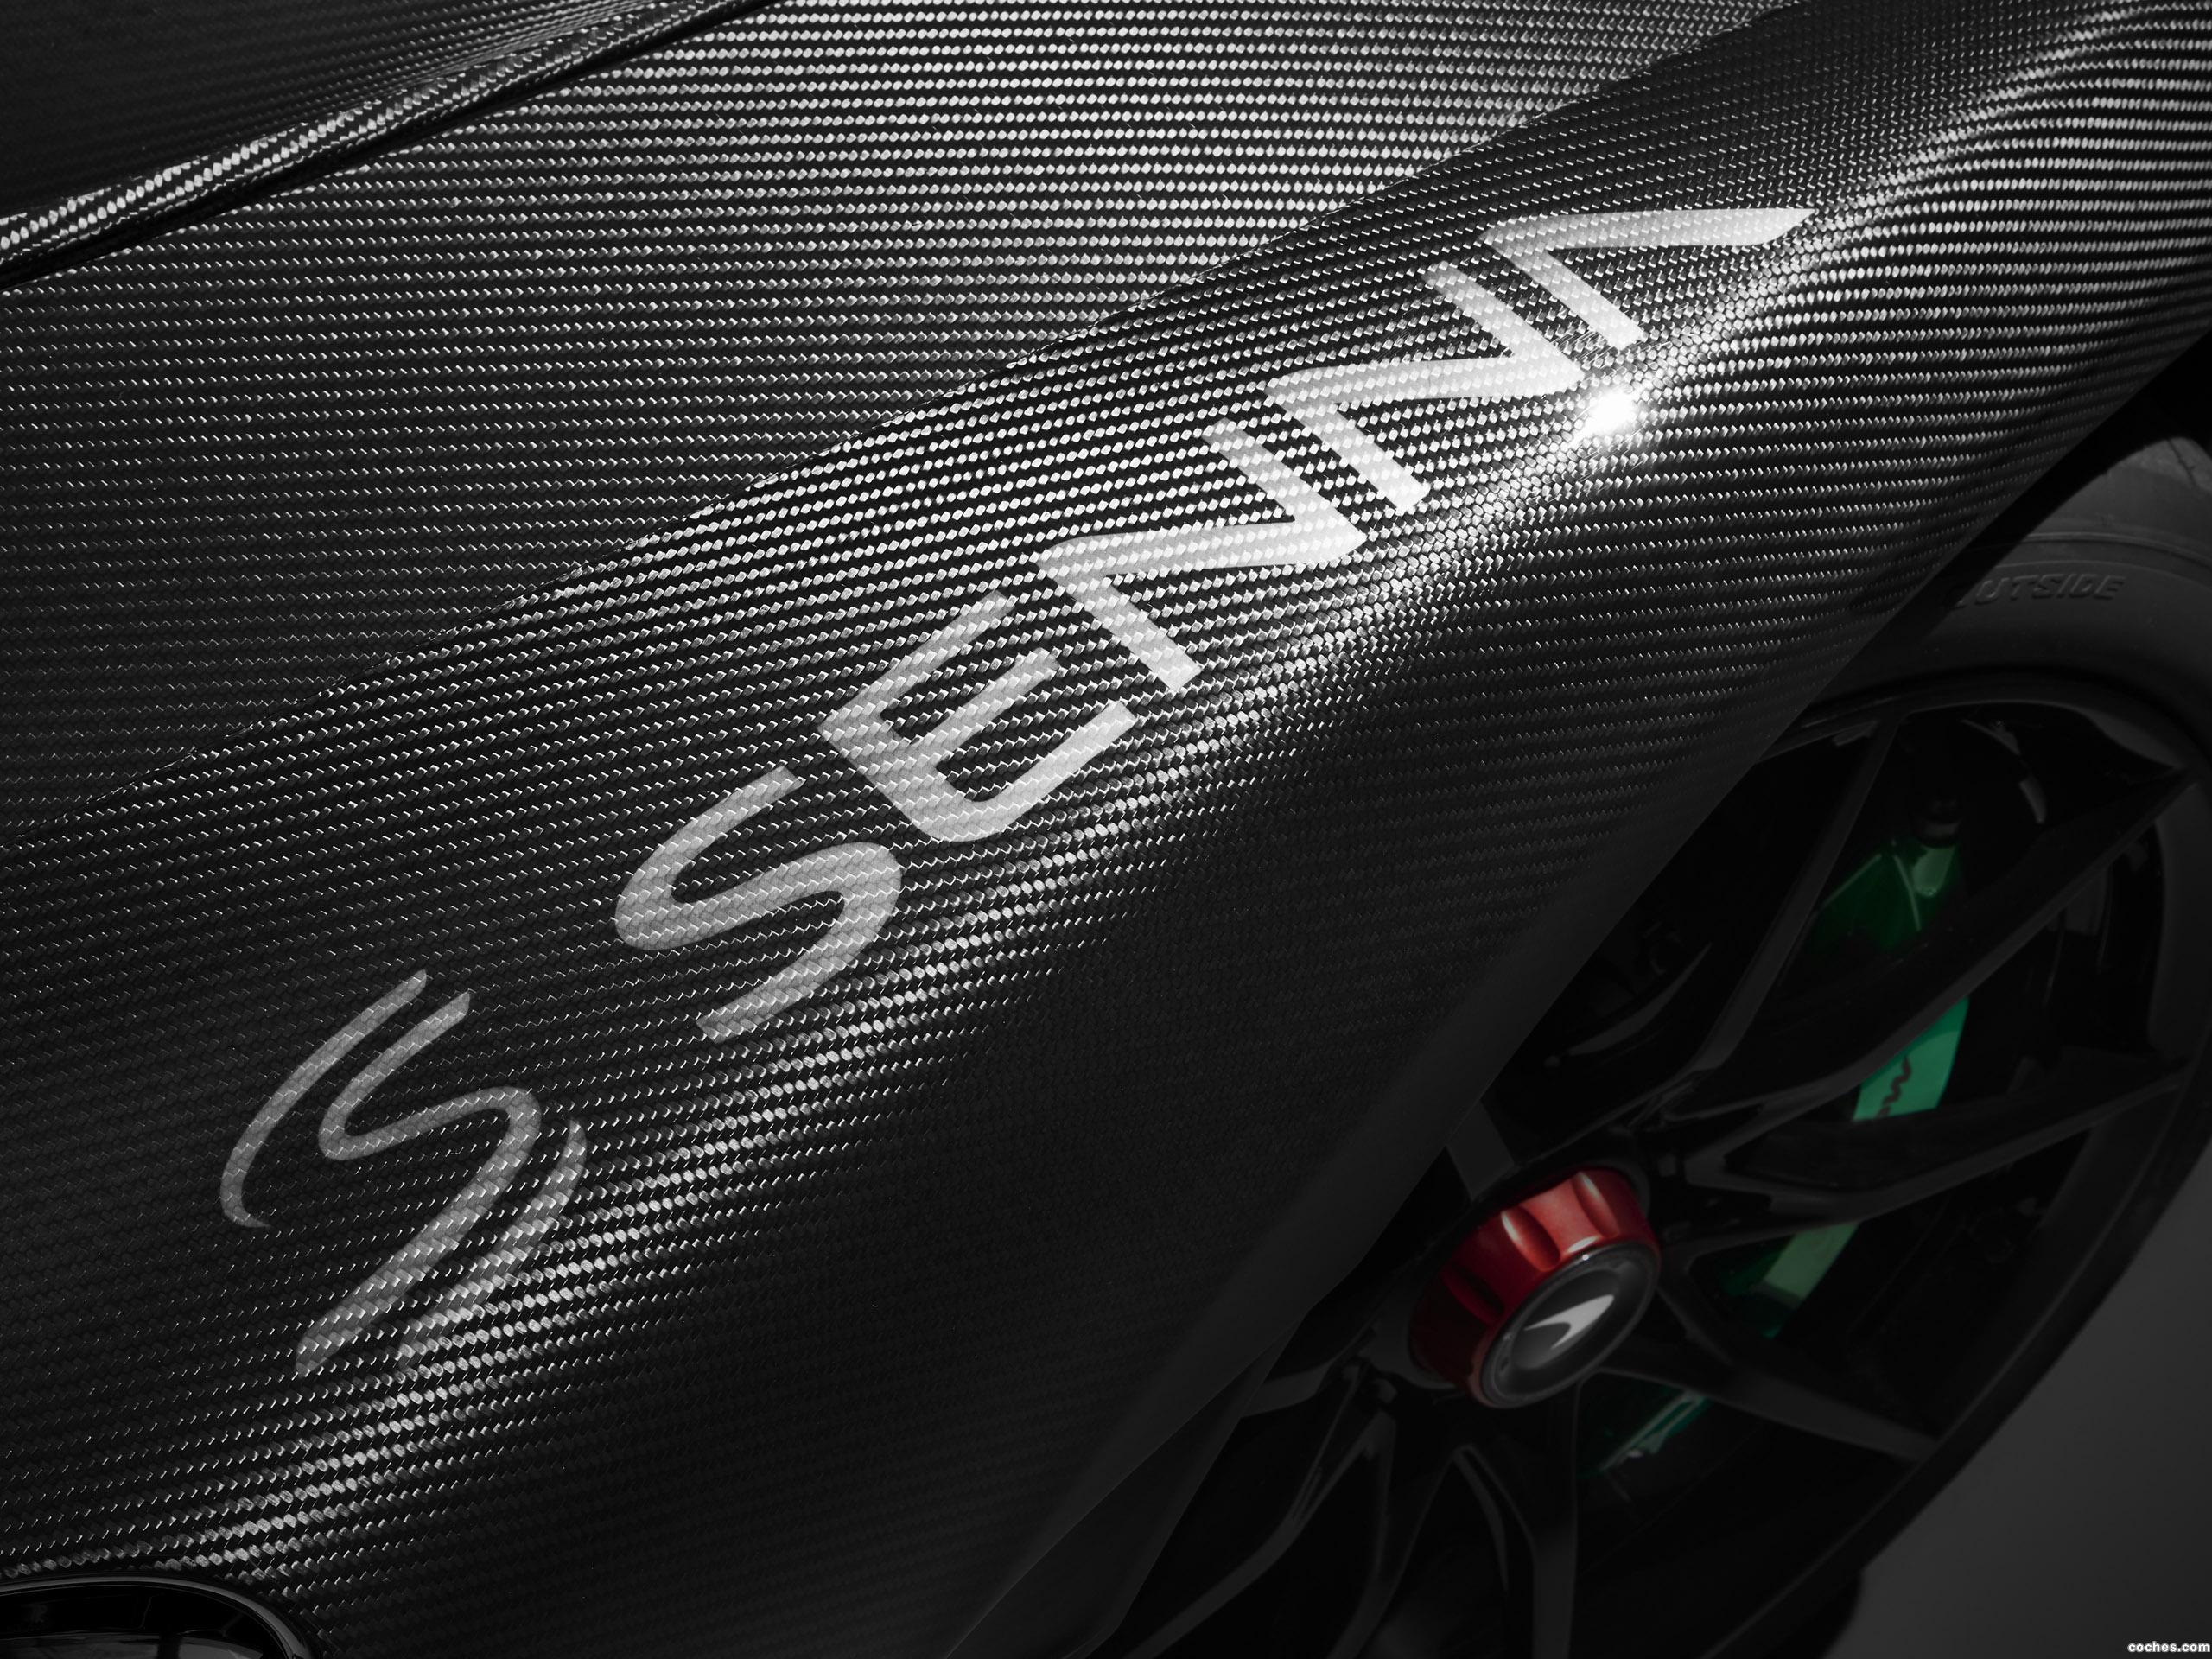 Foto 2 de McLaren Senna Carbon Theme by MSO 2018